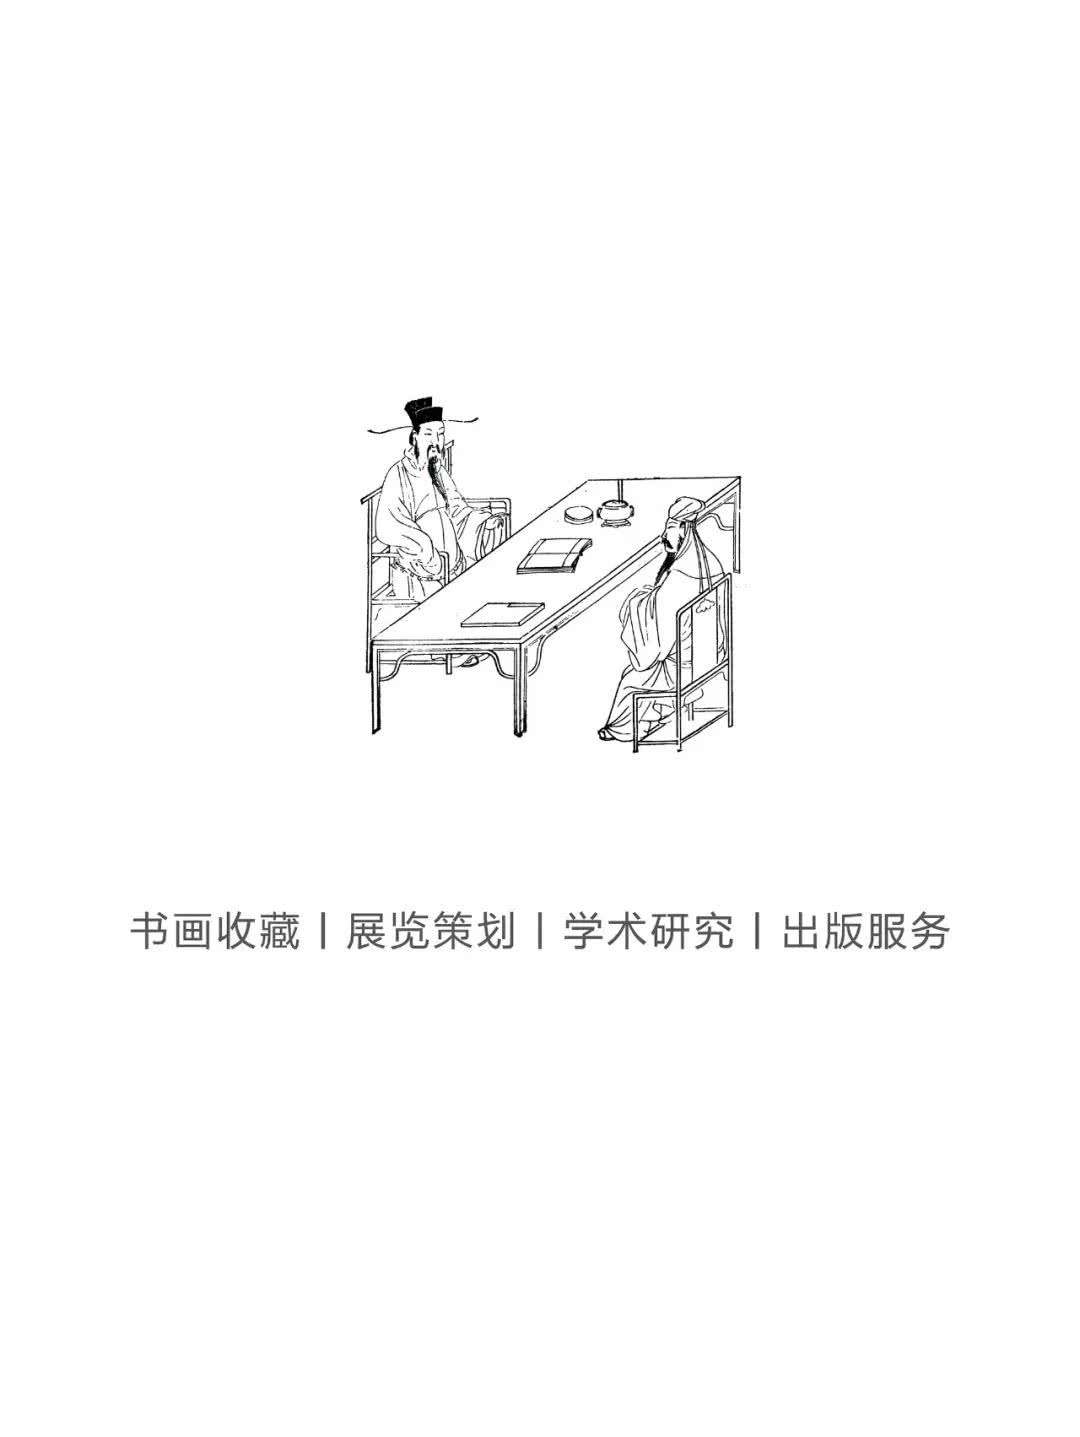 私享丨郑板桥:我的人生自61岁开始